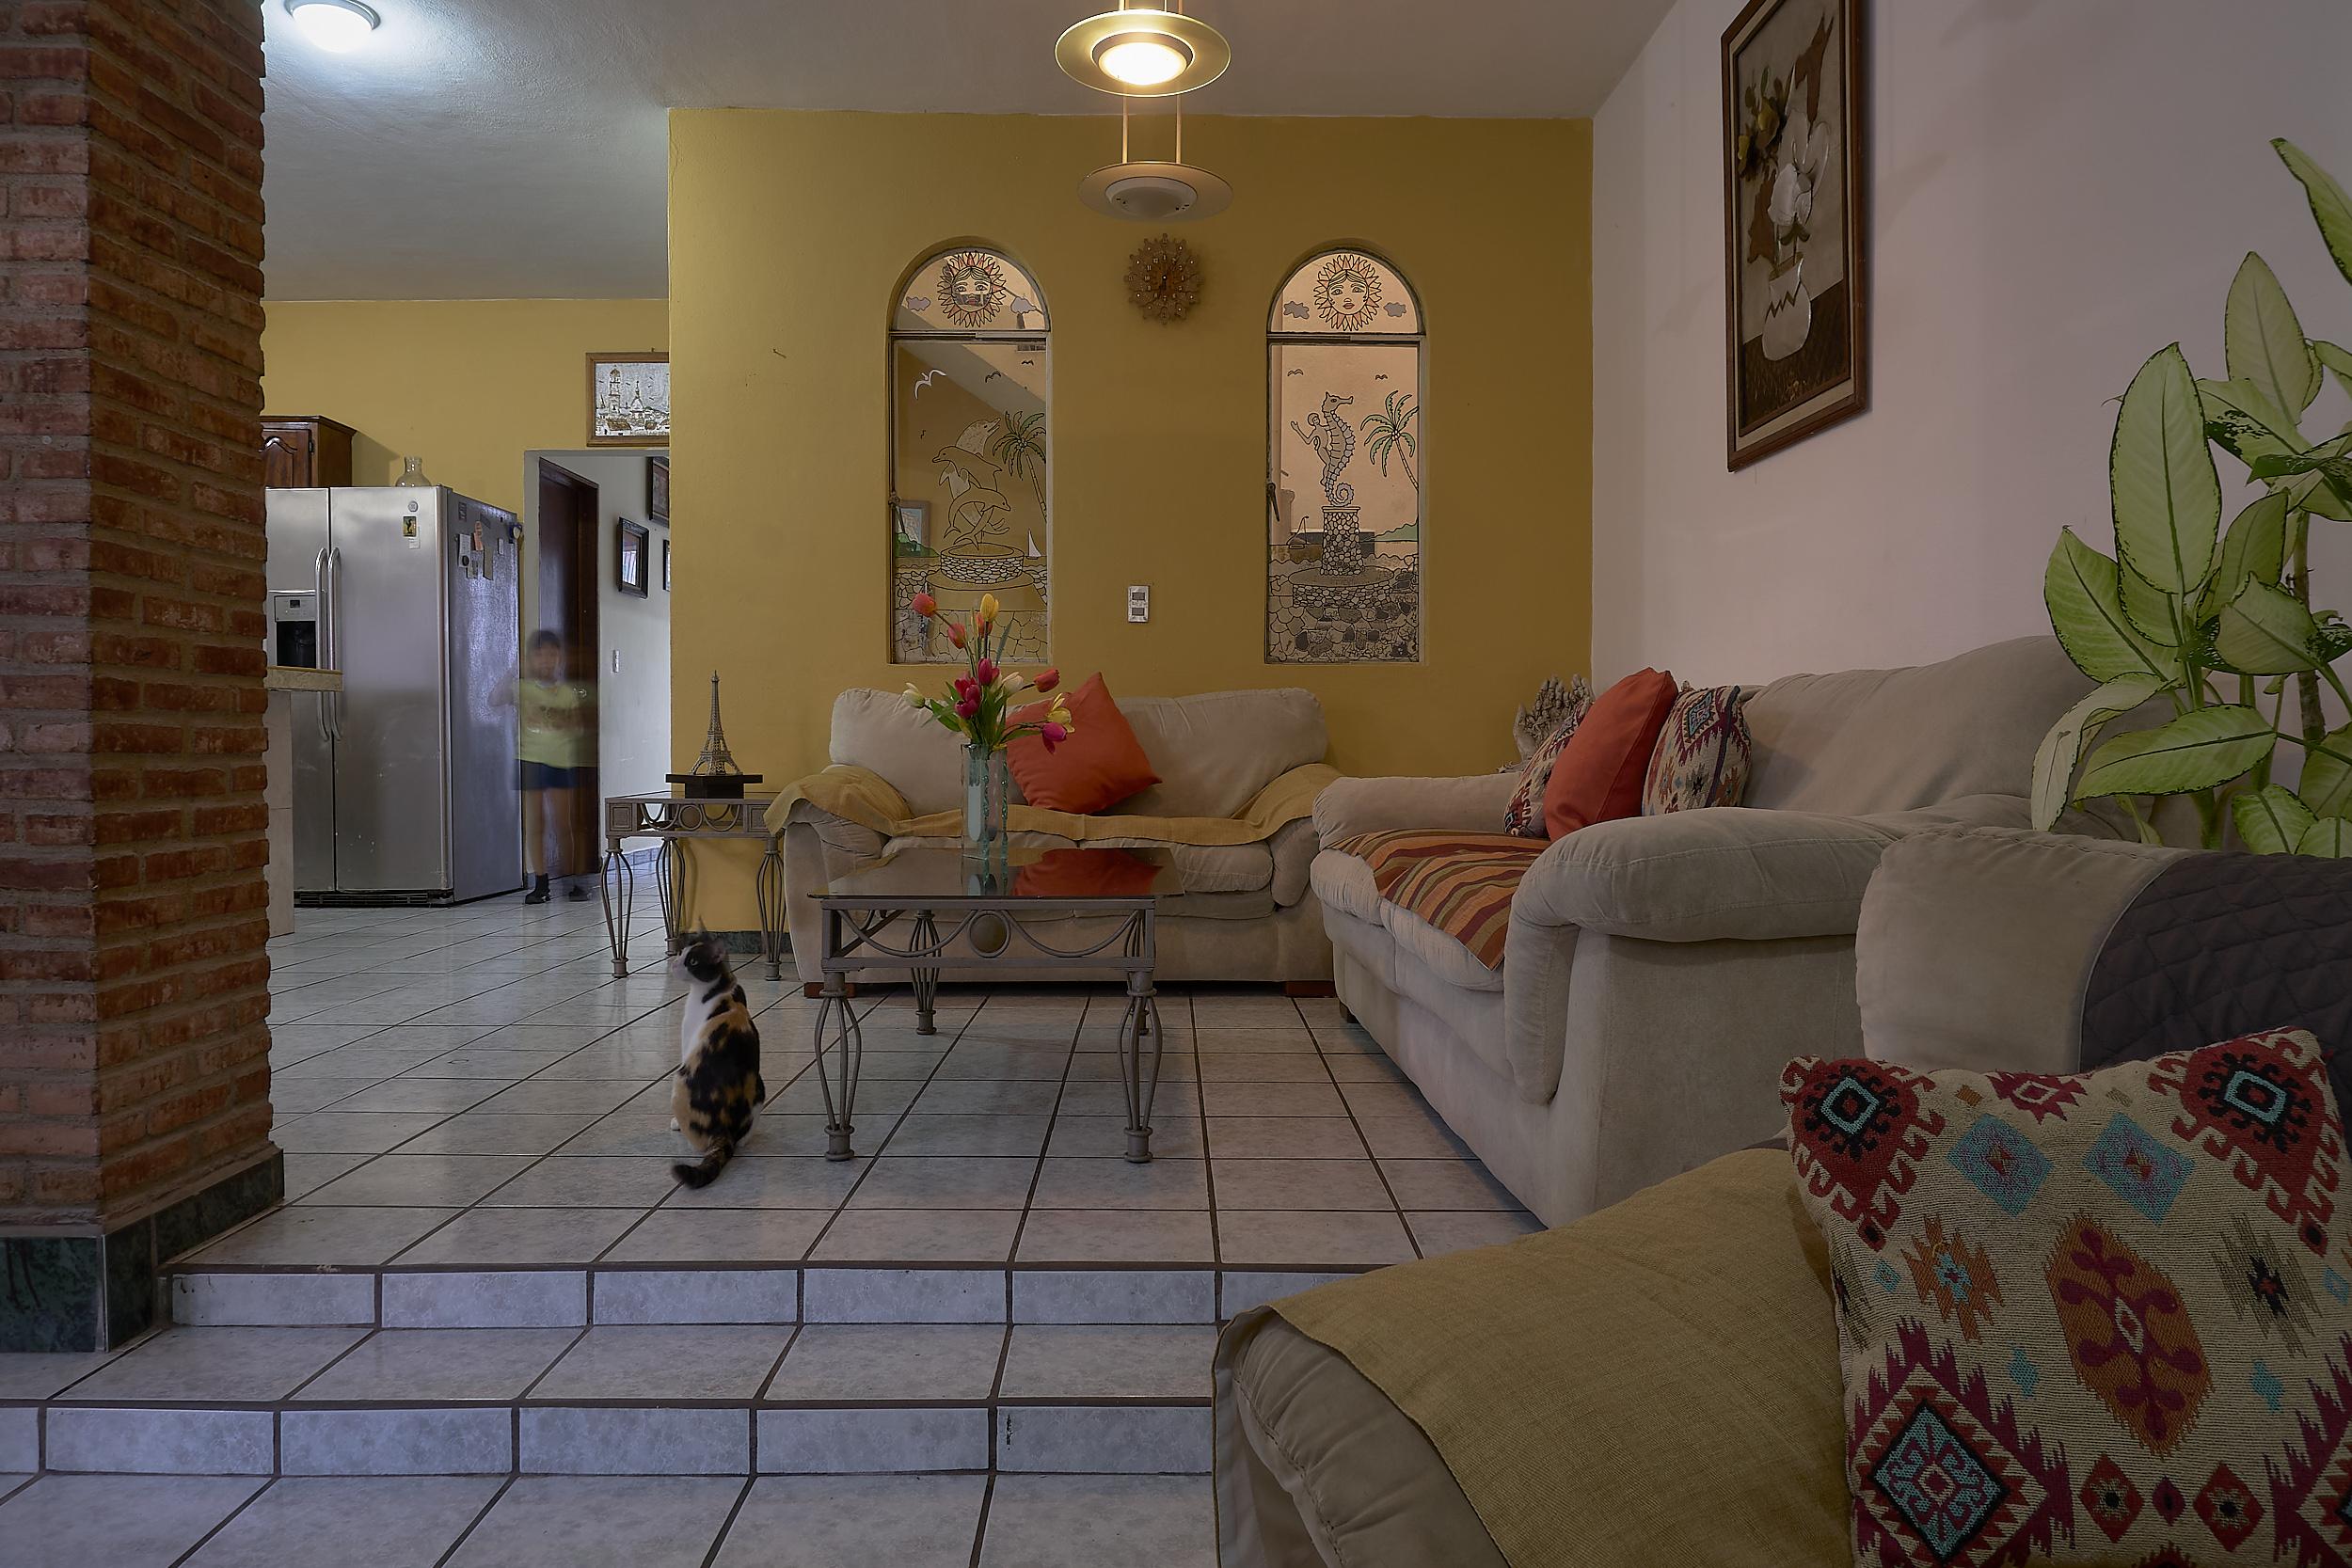 Fotografo--Puerto-Vallarta-Jalisco--Alex-y-Rebeca-Fotografía--Inmobiliaria--Remax--Bucerias--Nayarit--Interiorismo--Ange-Ahumado--Airbnb--Propiedades